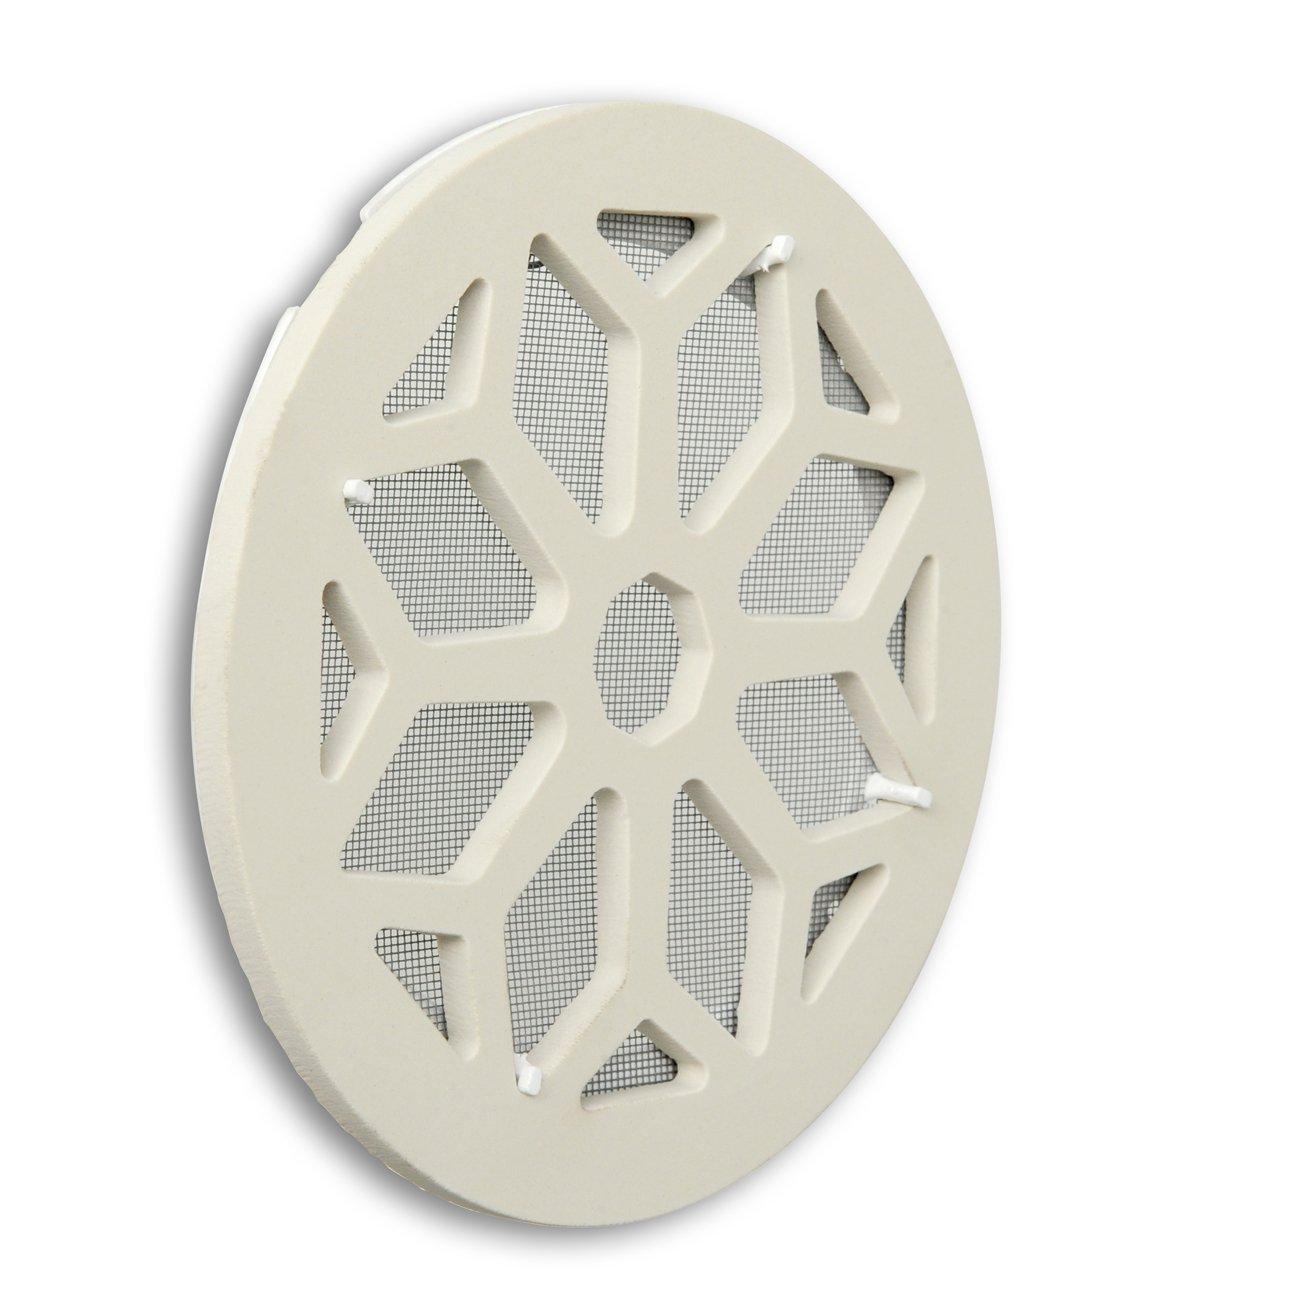 La ventilation cergrsbix Grille de ventilation en cé ramique grè s, blanc, diamè tre 200 mm diamètre 200mm La Ventilazione